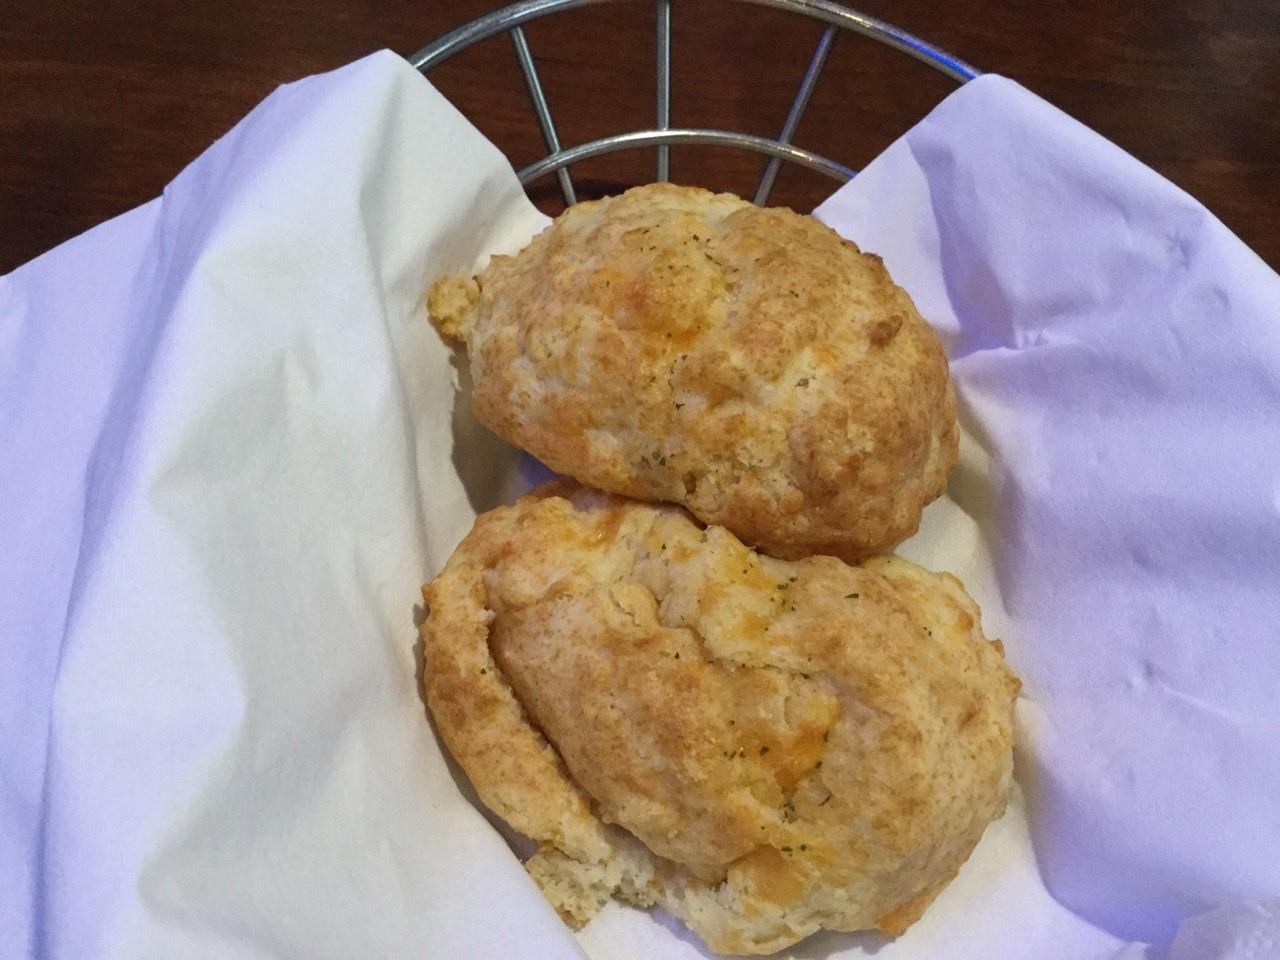 RL: cheesy bisquits